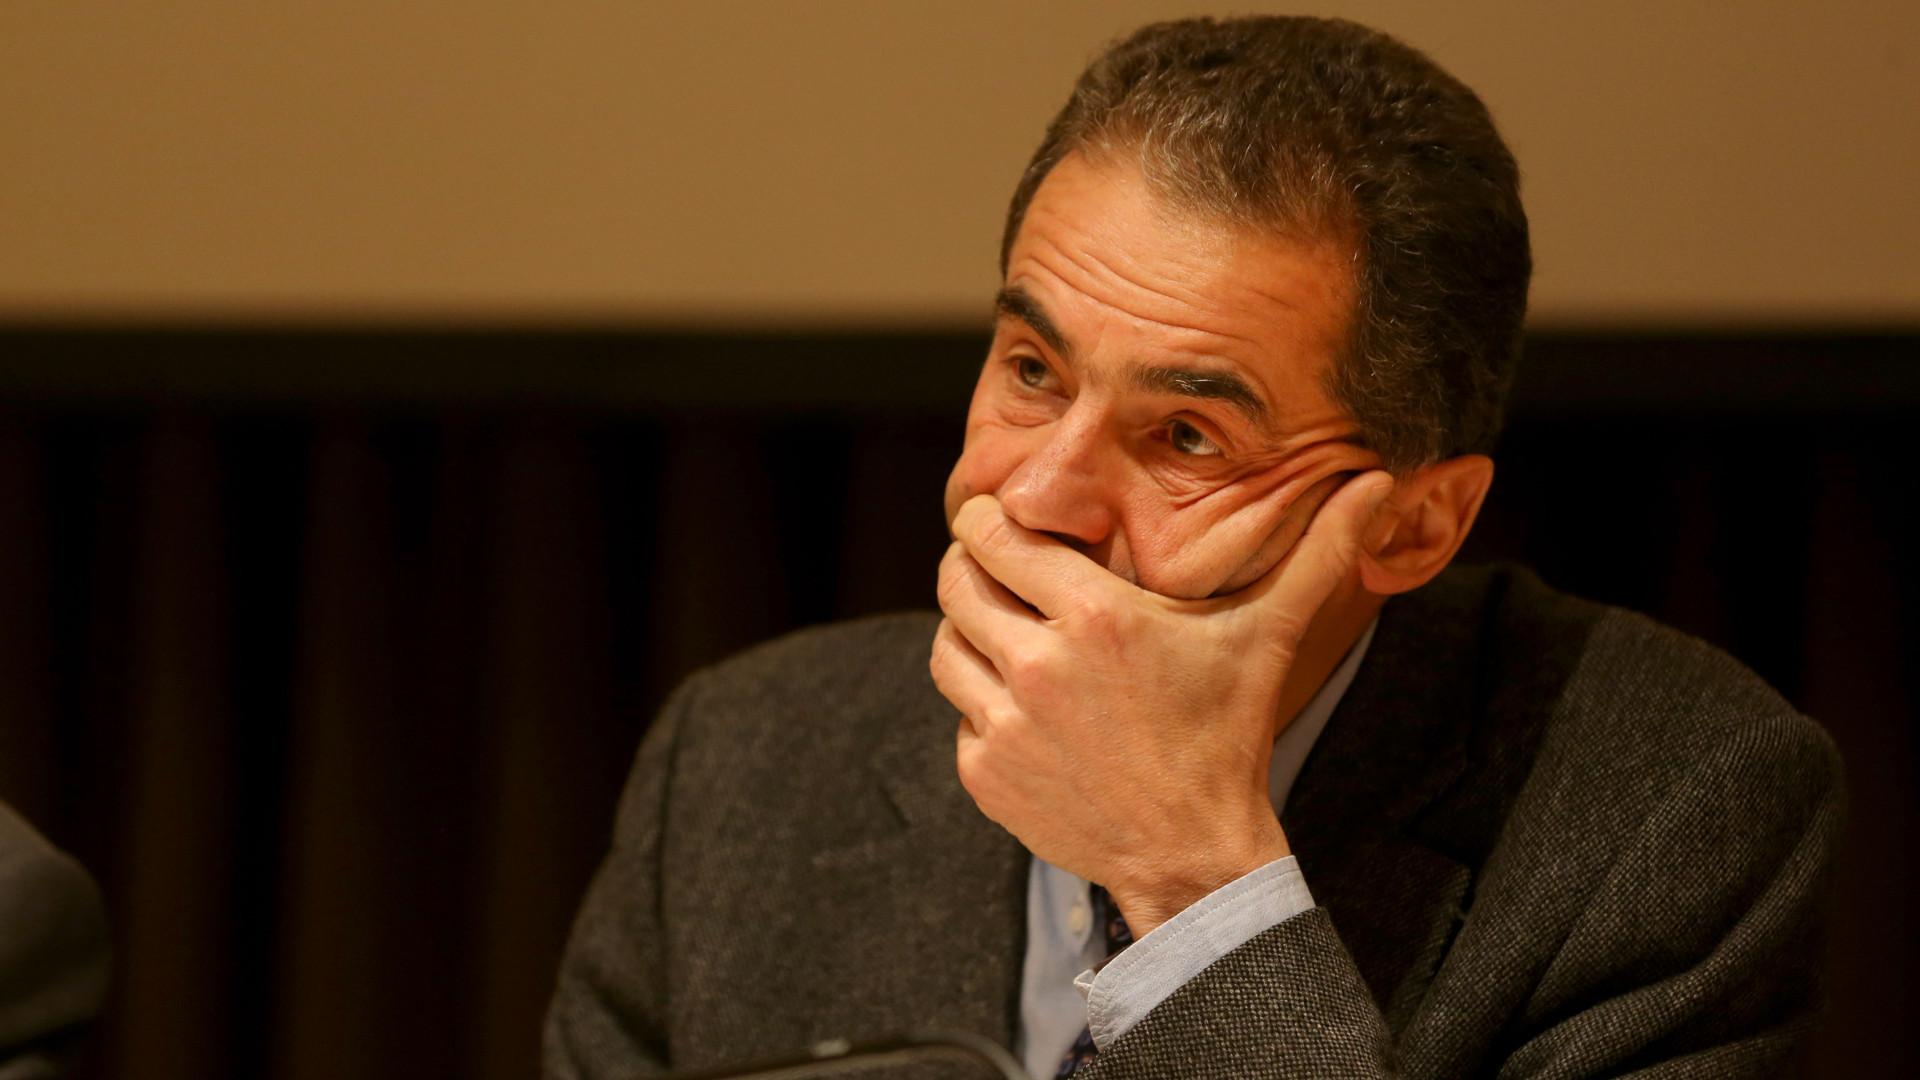 Manuel Heitor reitera que regularização de precários é para cumprir